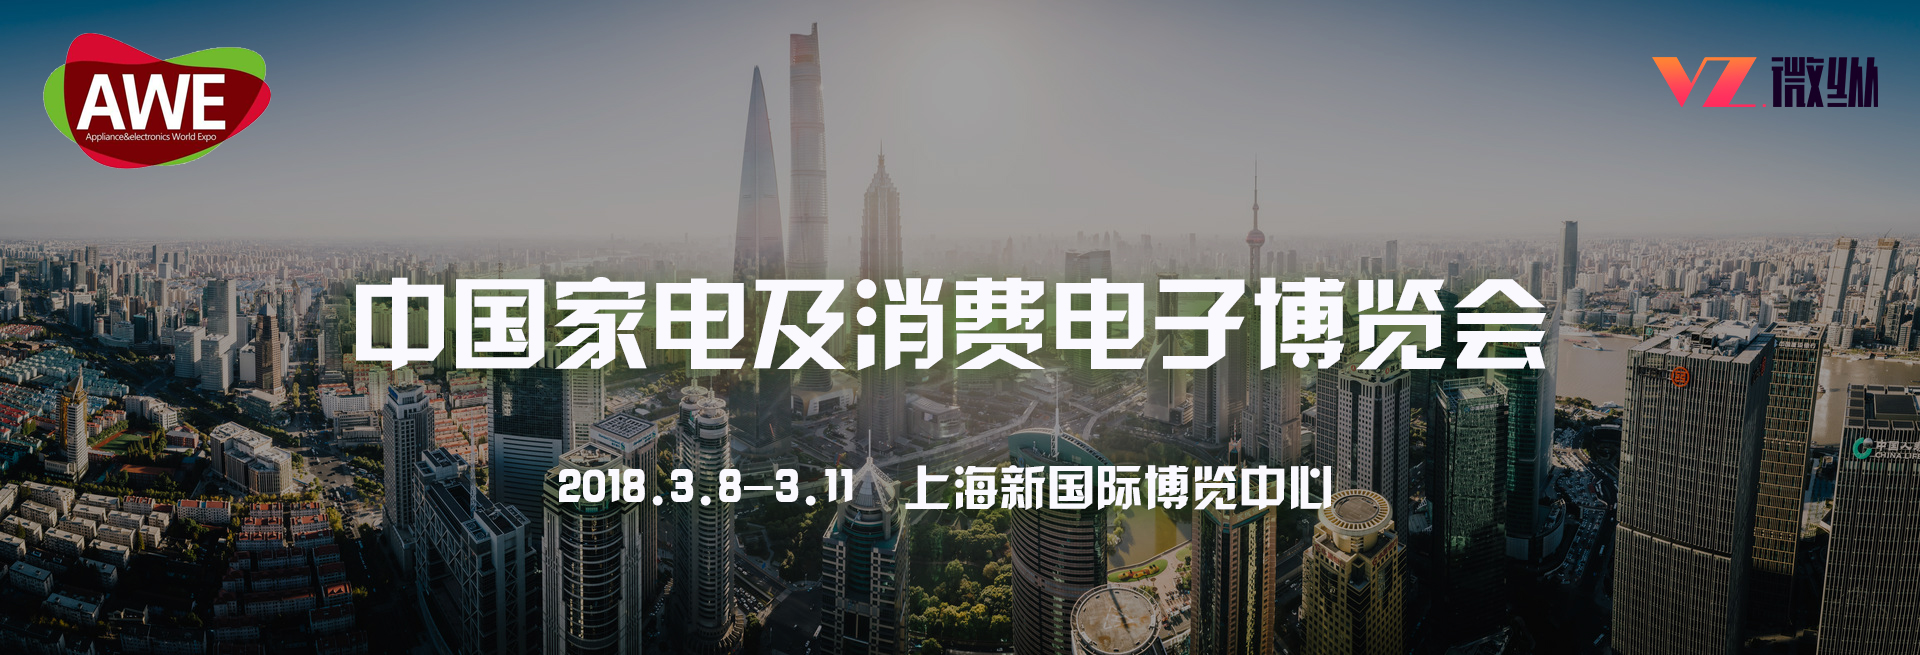 微纵视频报道中国家电及消费电子博览会